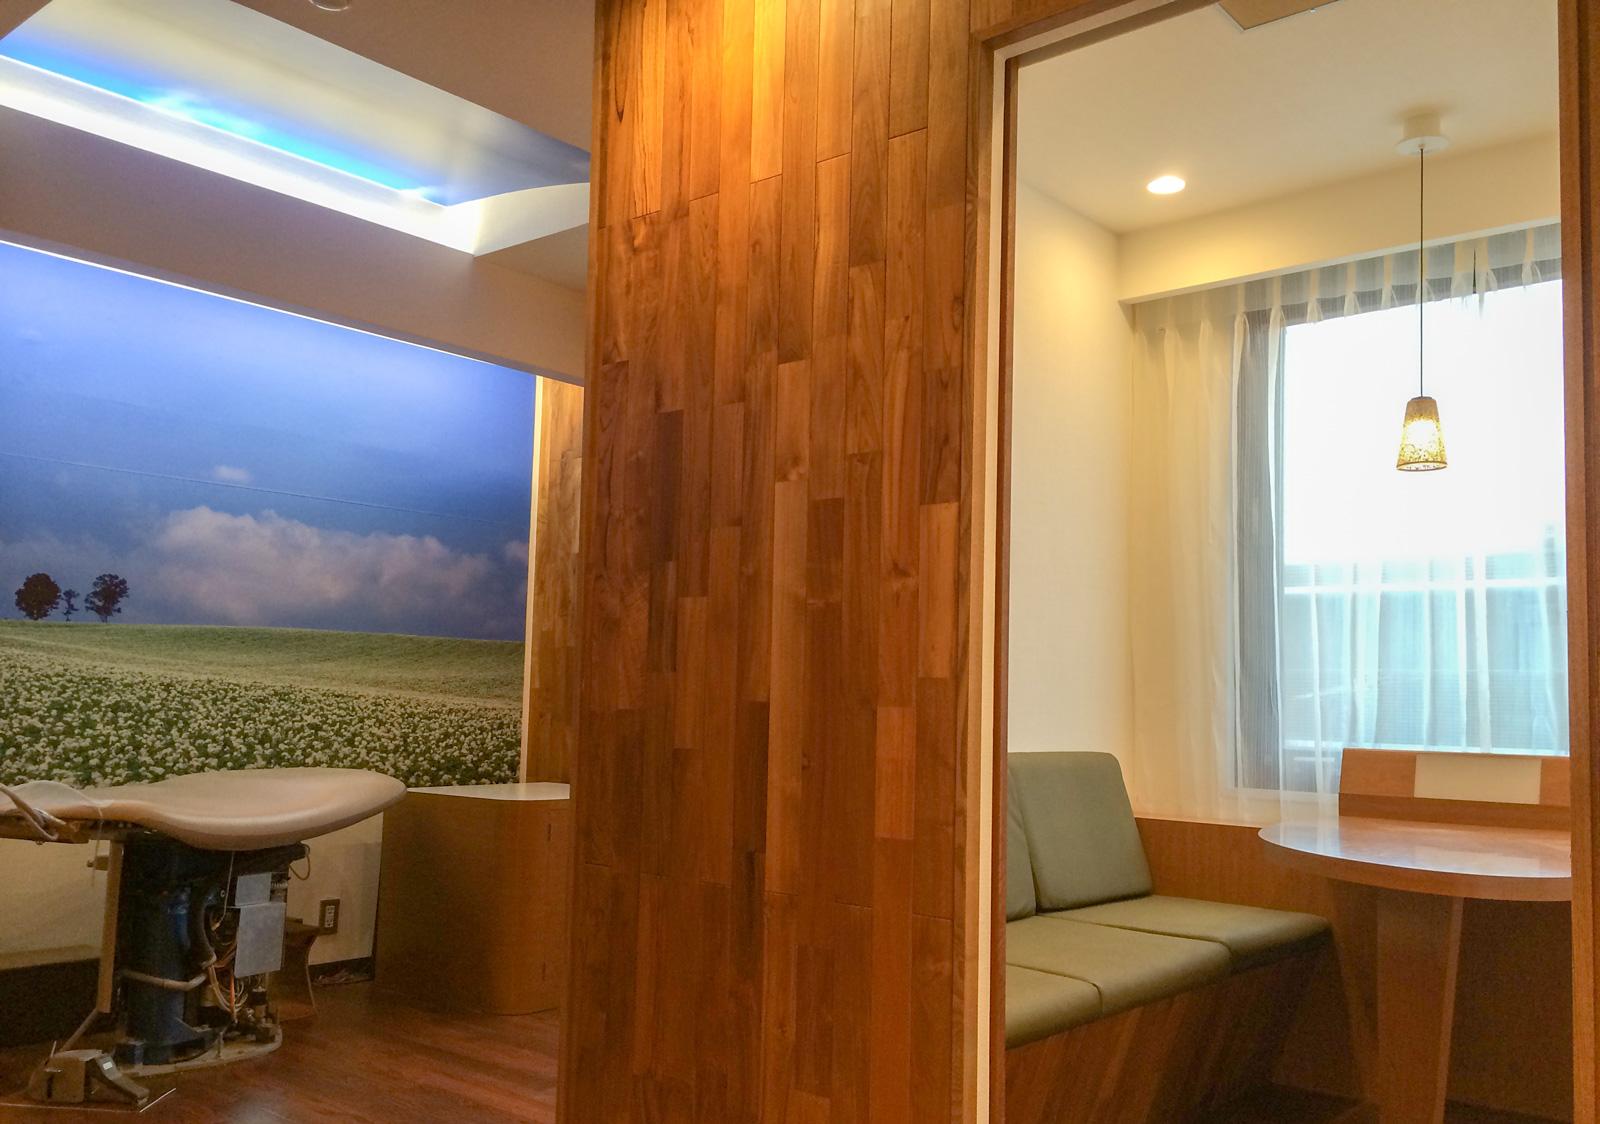 ホスピタルアート 株式会社モリタ 歯科診療スペース